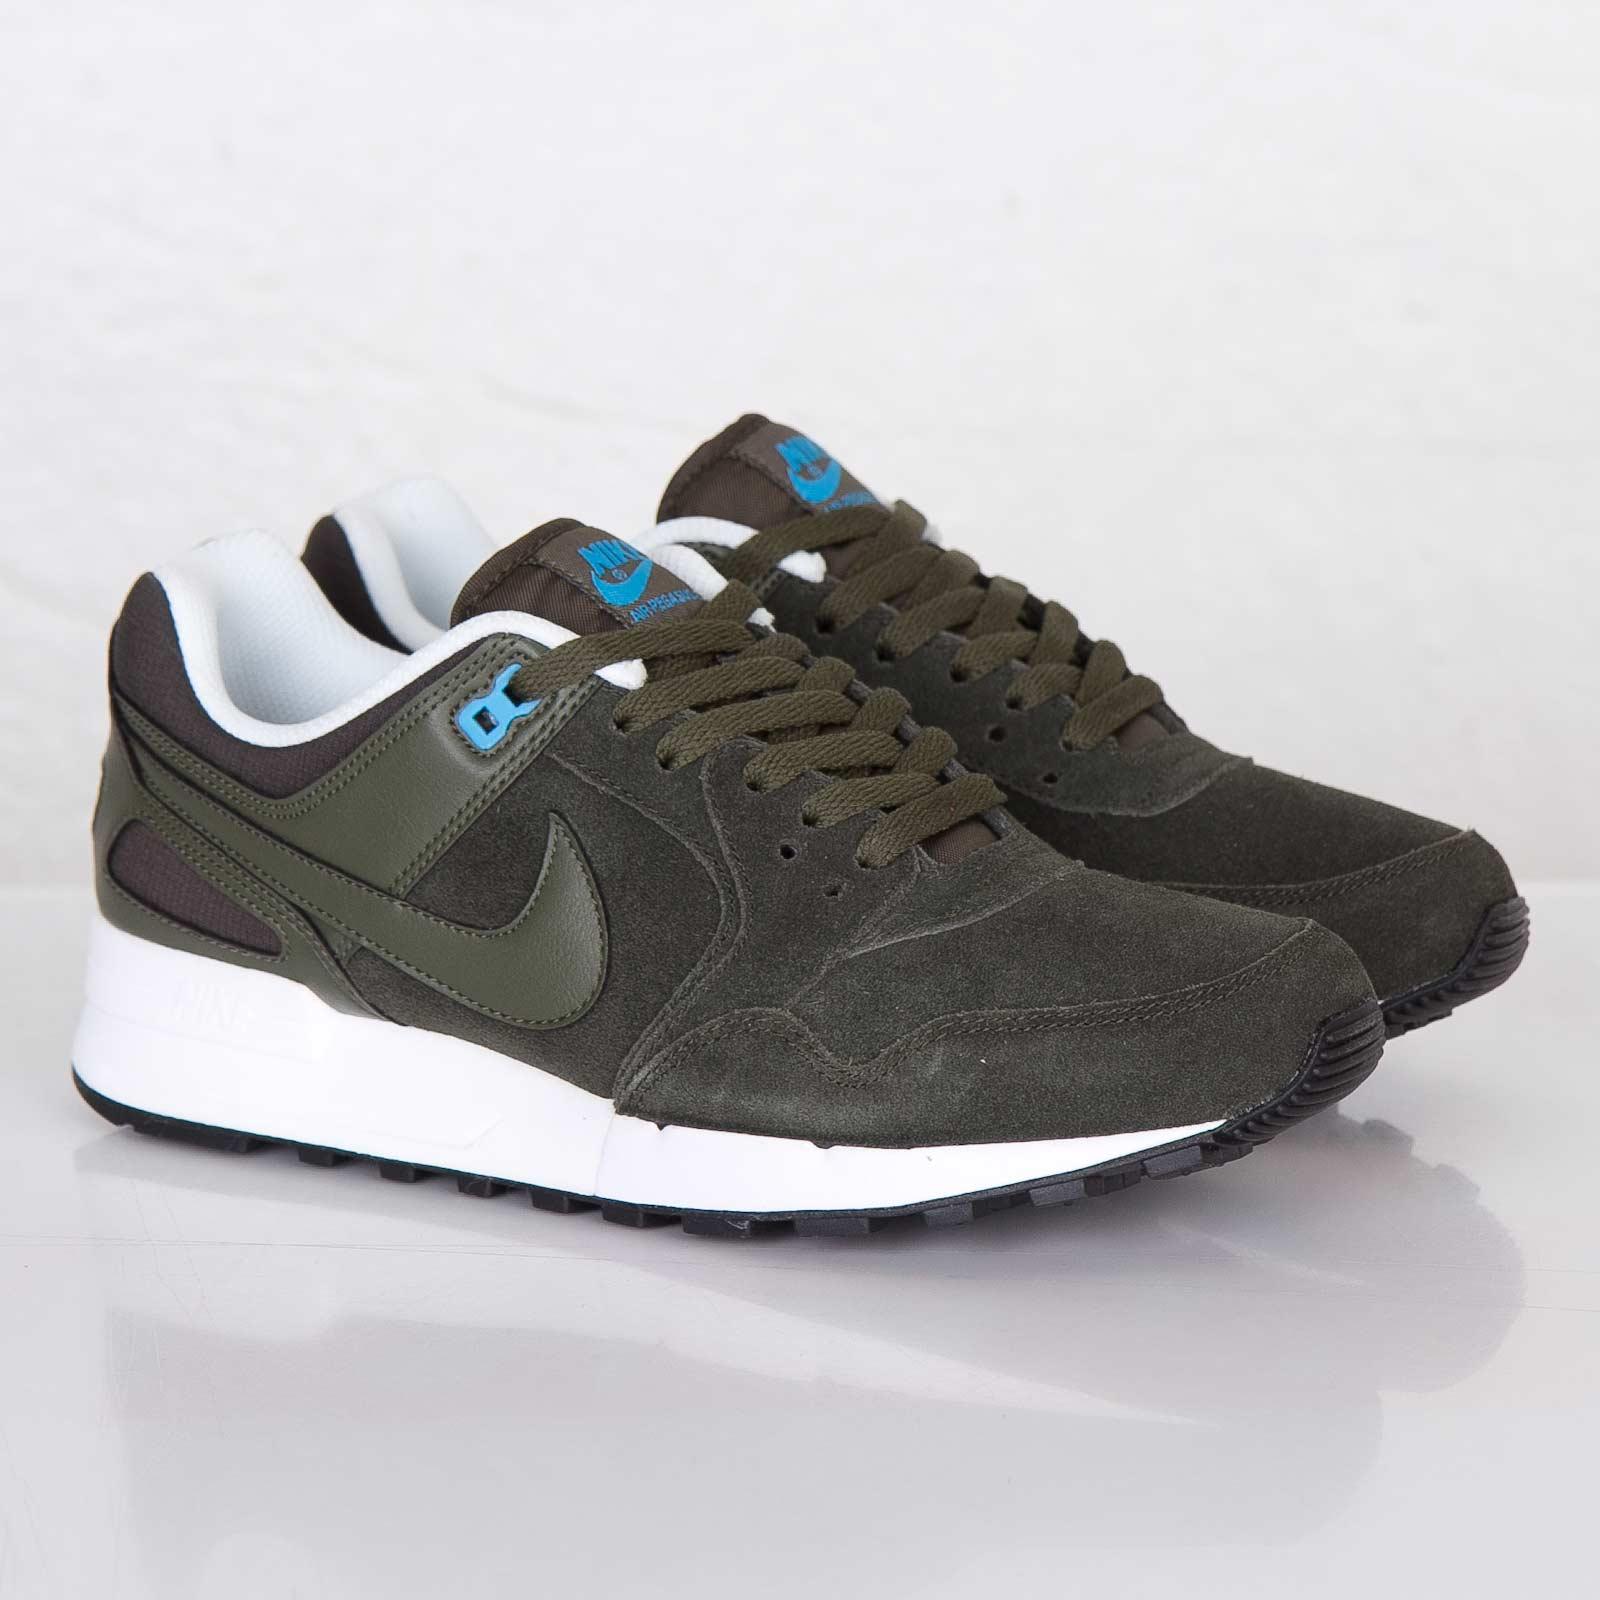 931cc63567f7 Nike Air Pegasus 89 - 344082-330 - Sneakersnstuff